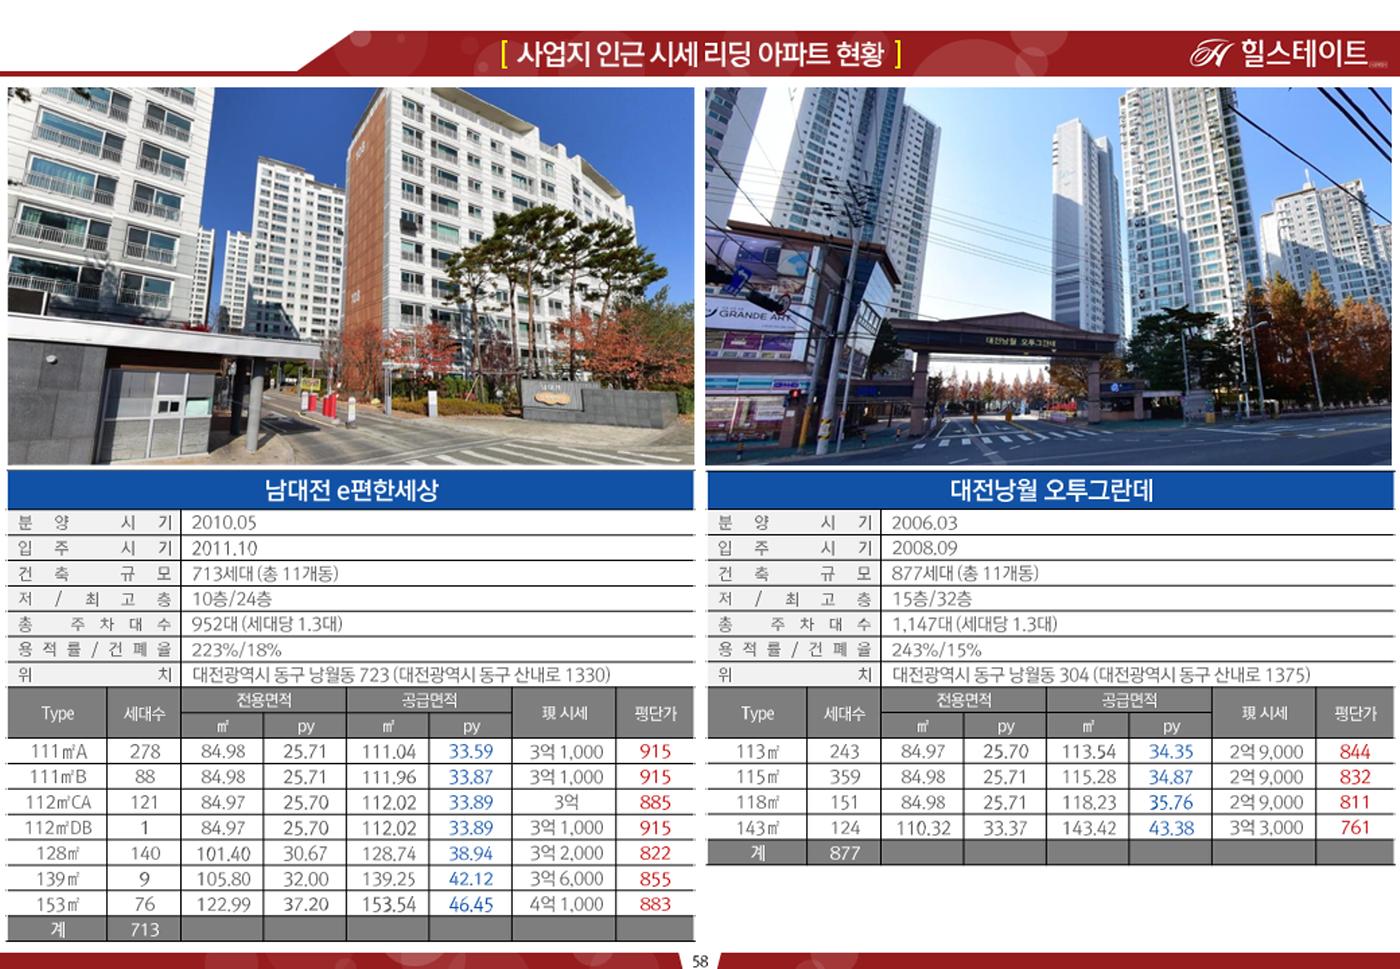 인근 입주 아파트 매매가격